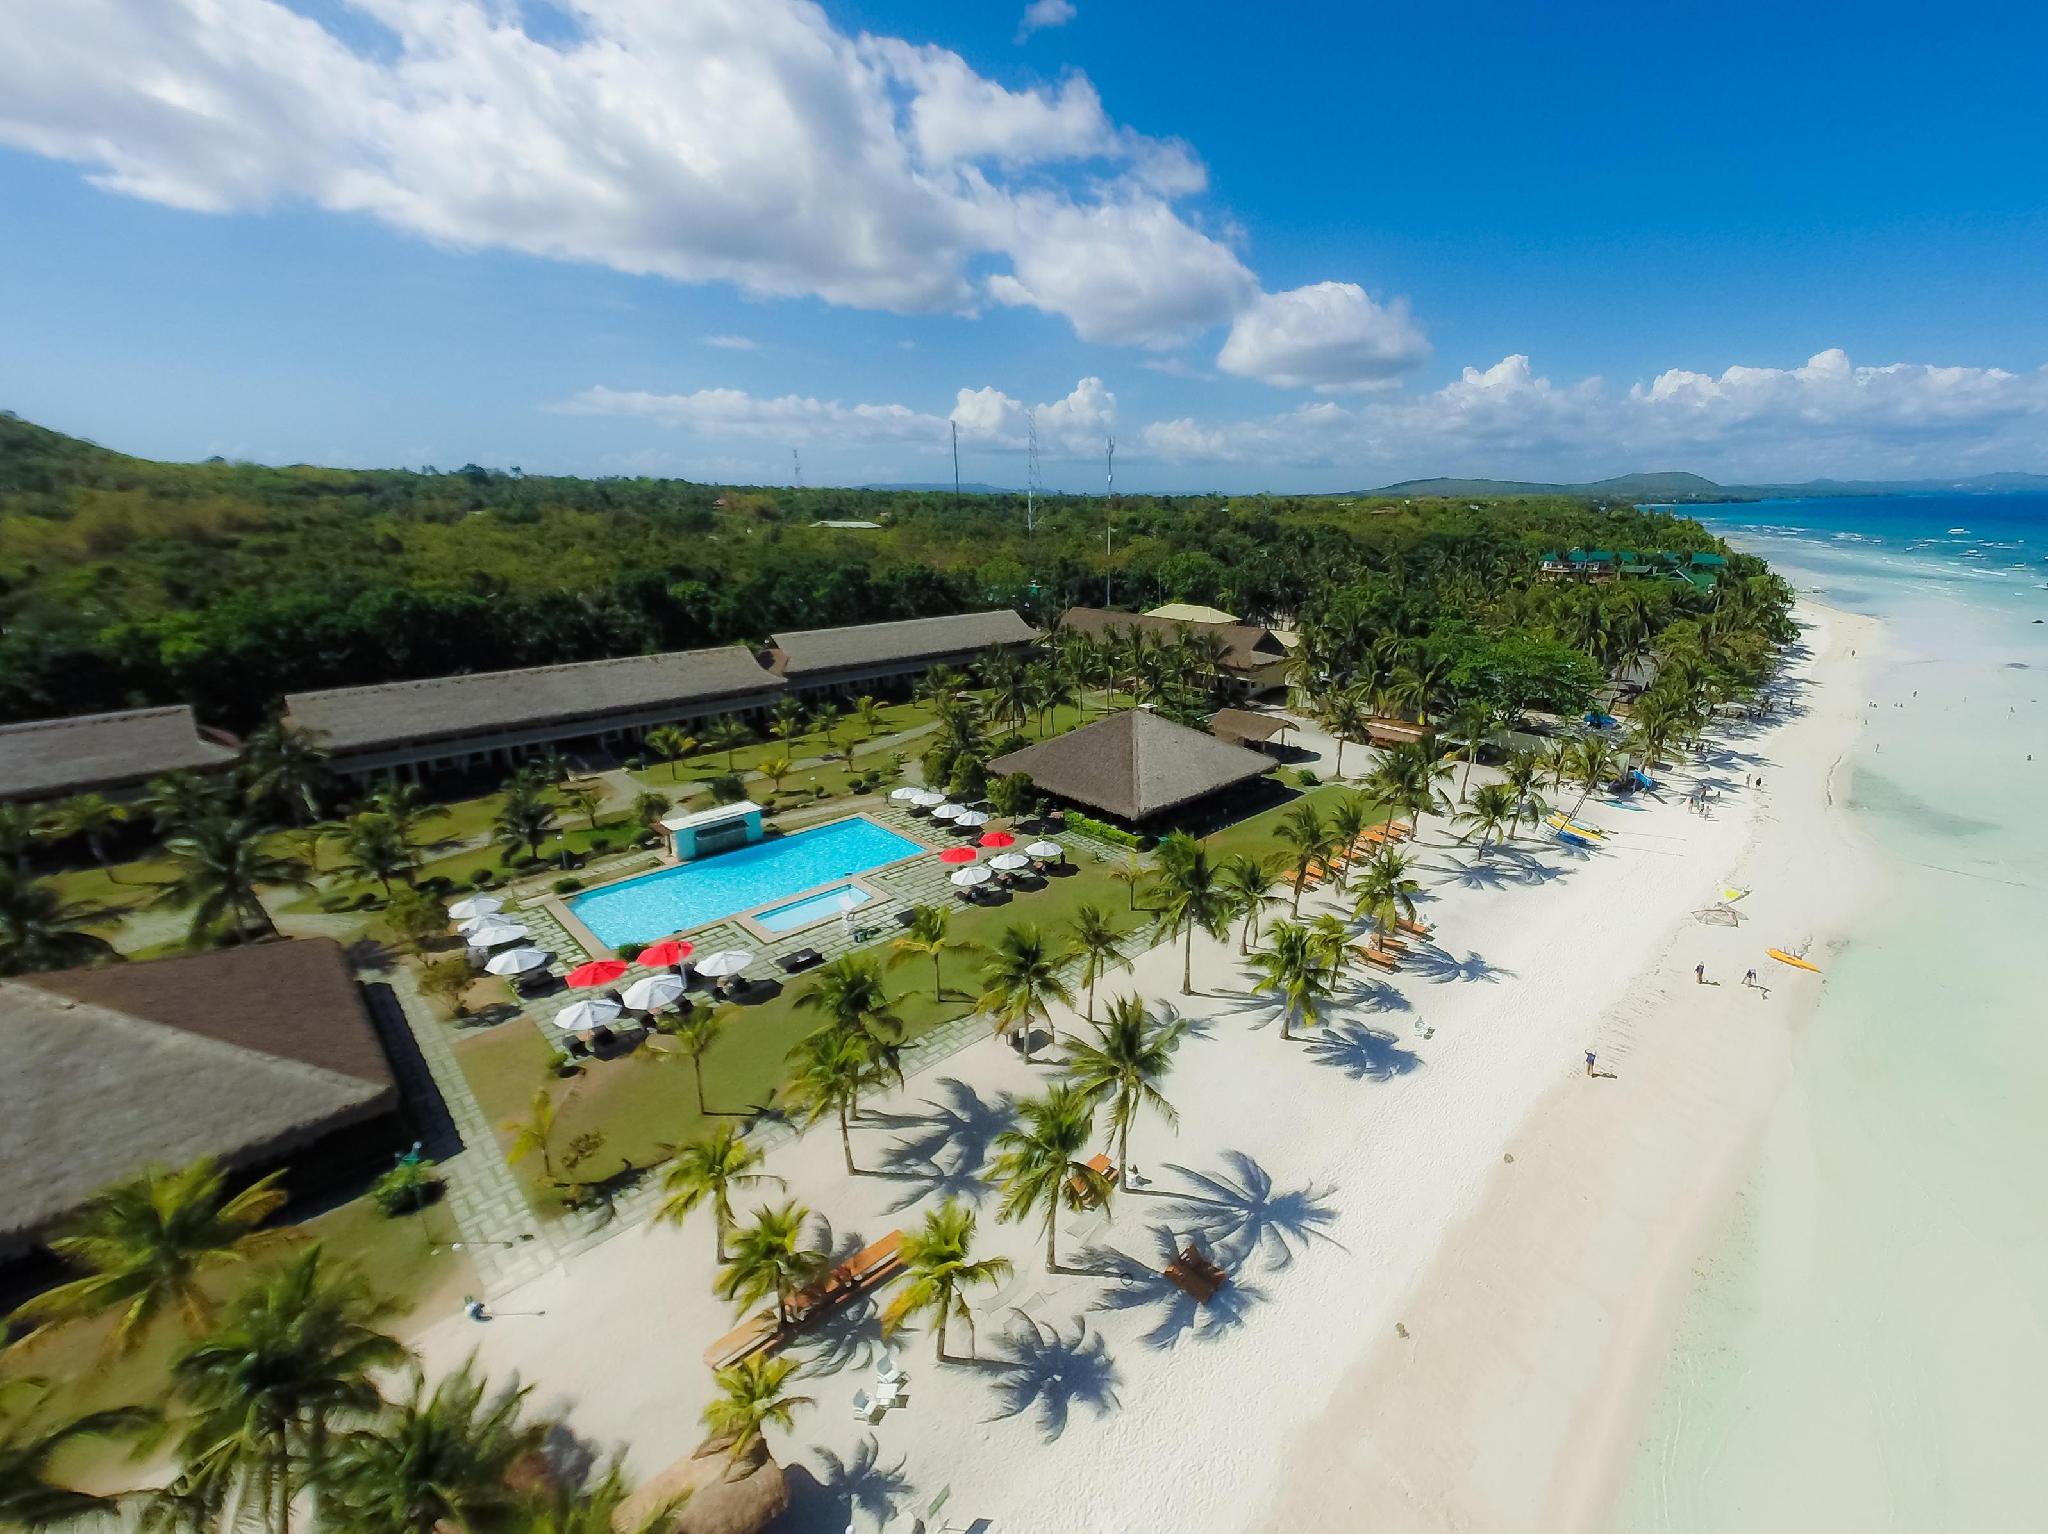 Beach Resort In Bohol Rates